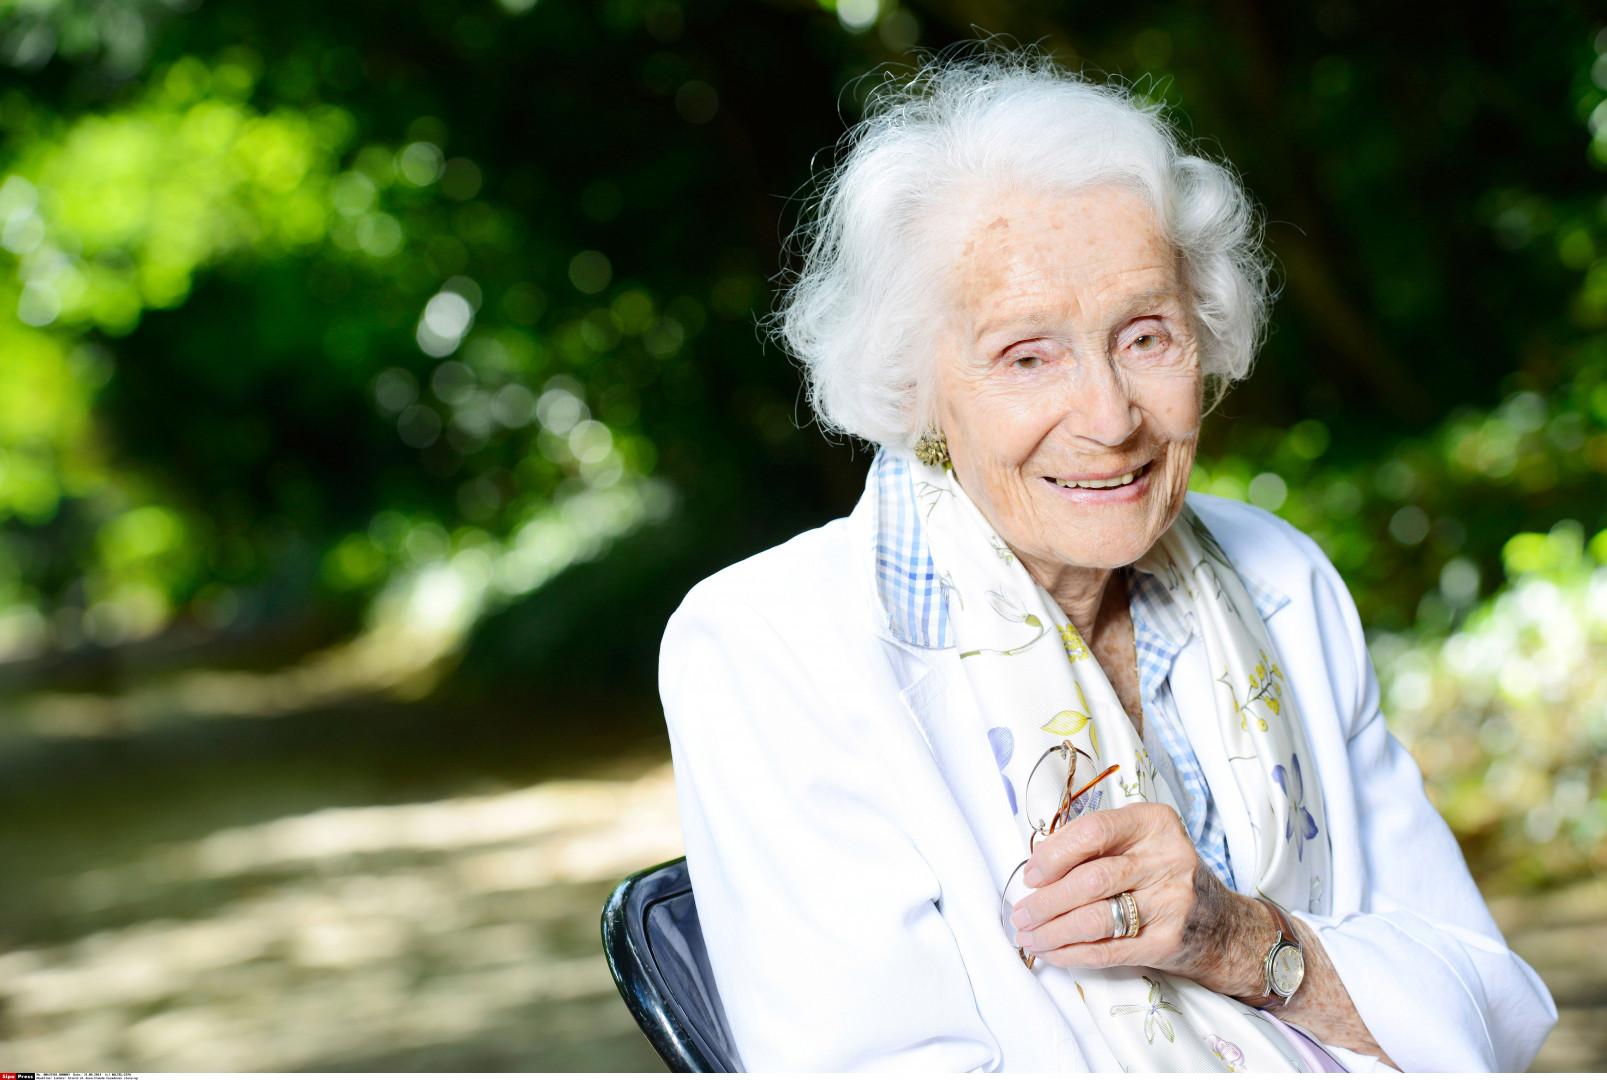 Gisele Casadesus, la doyenne française des comédiennes âgée de 103 ans.